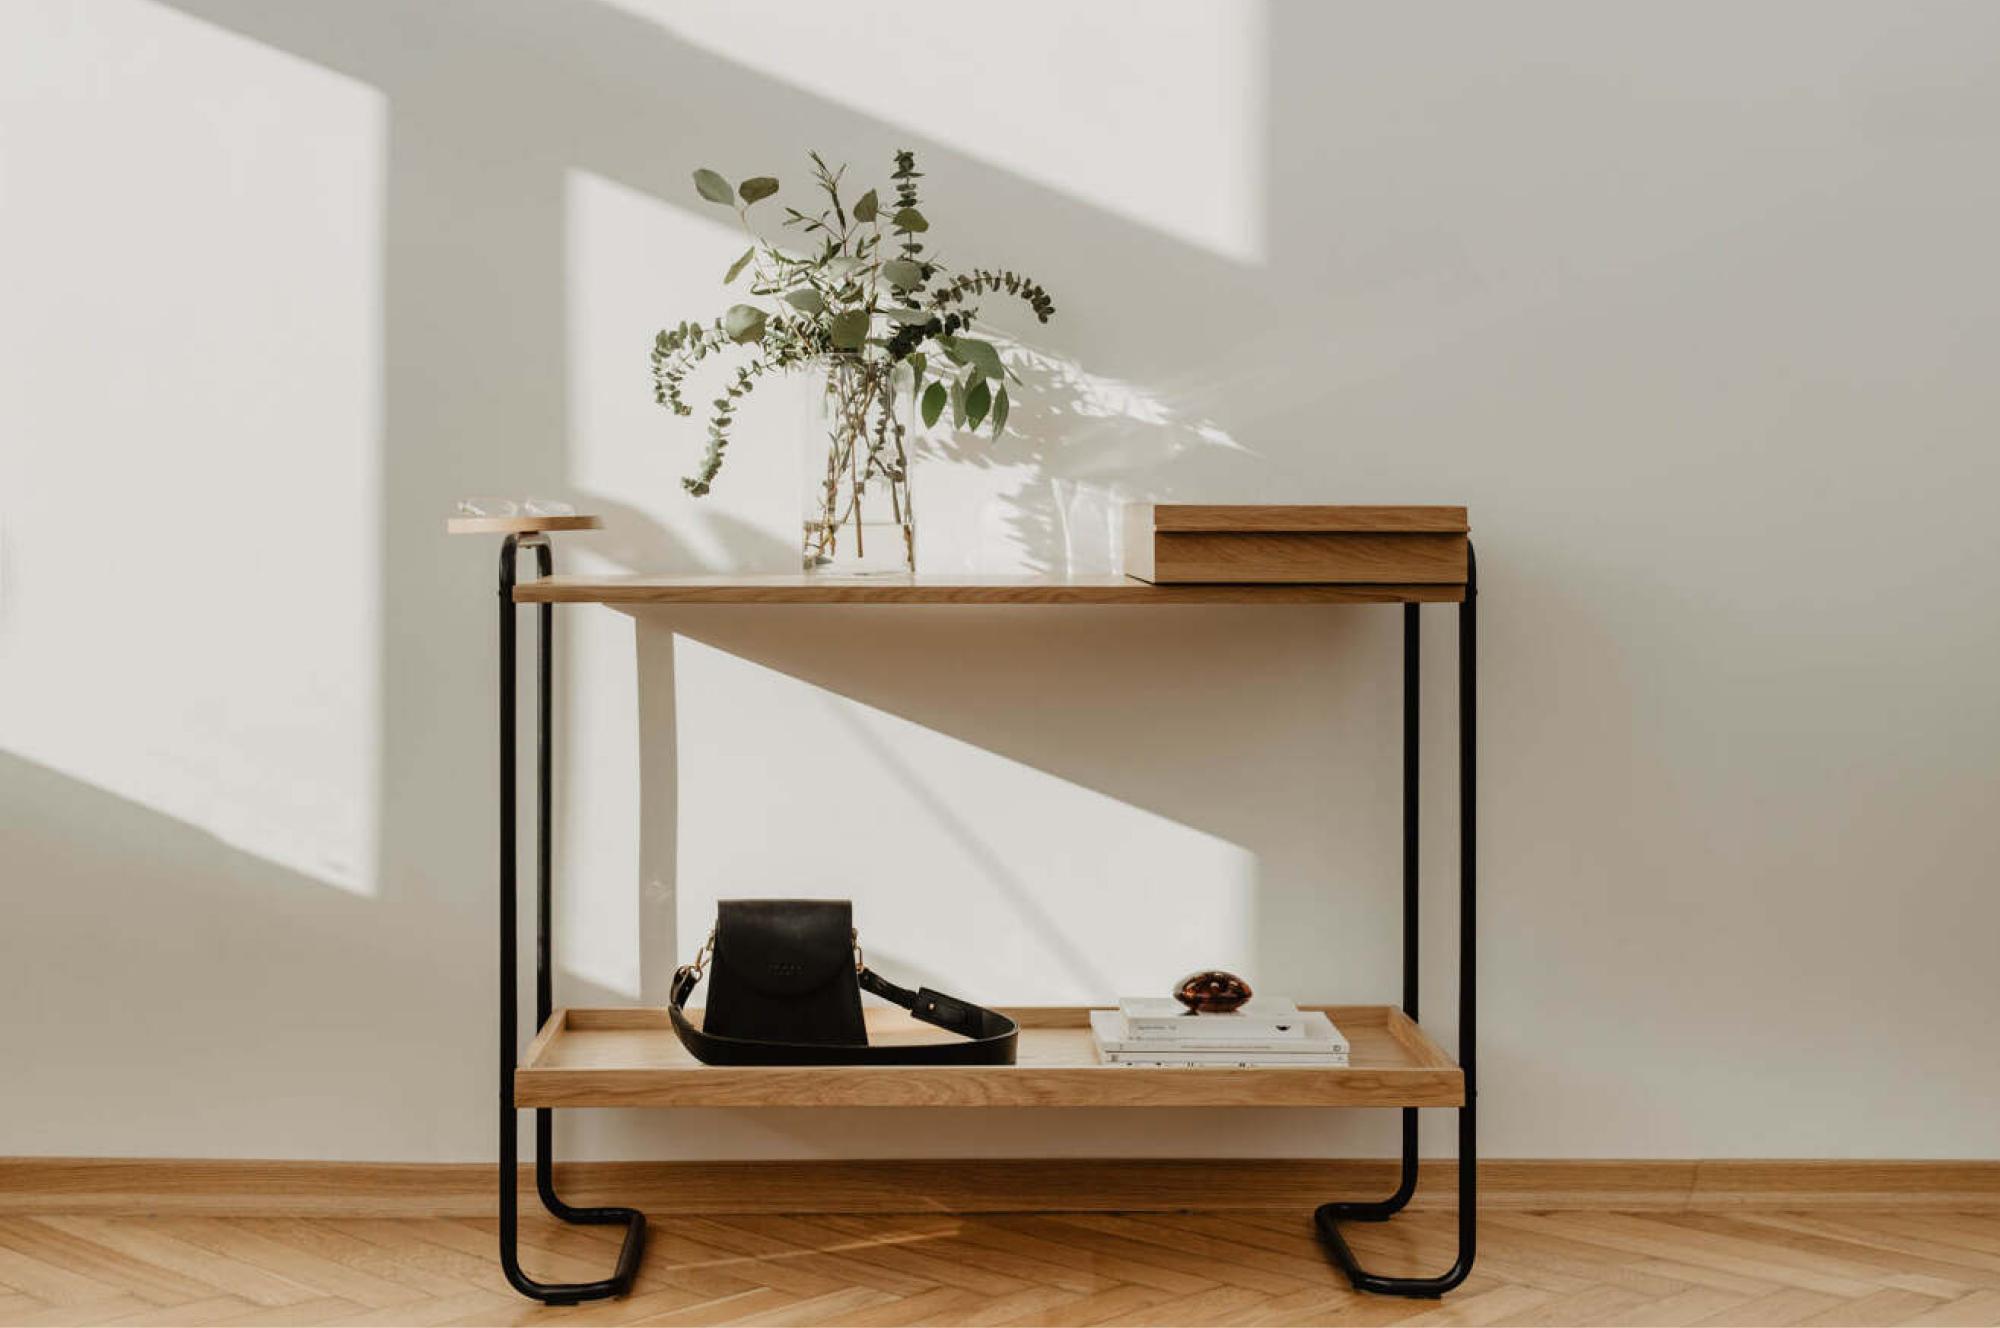 Hal - the minimal hallway table